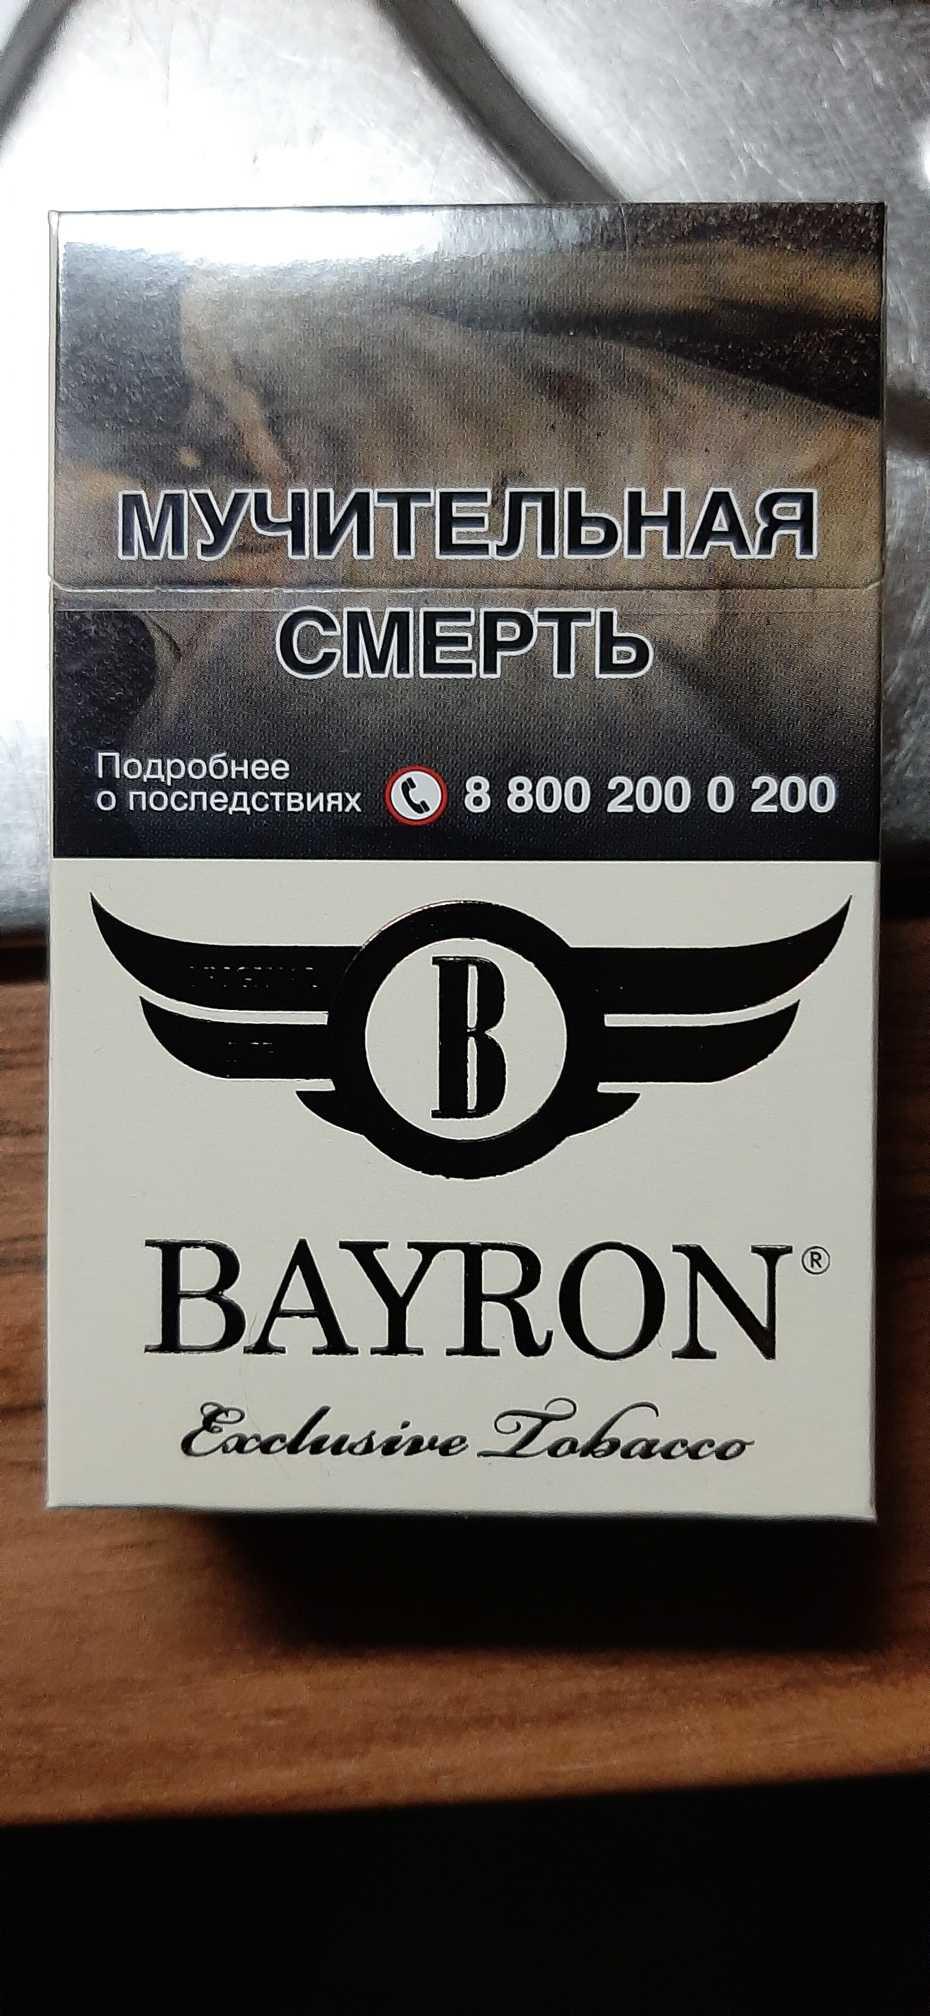 Купить сигареты байрон в москве купить сигареты оптом орехово зуево